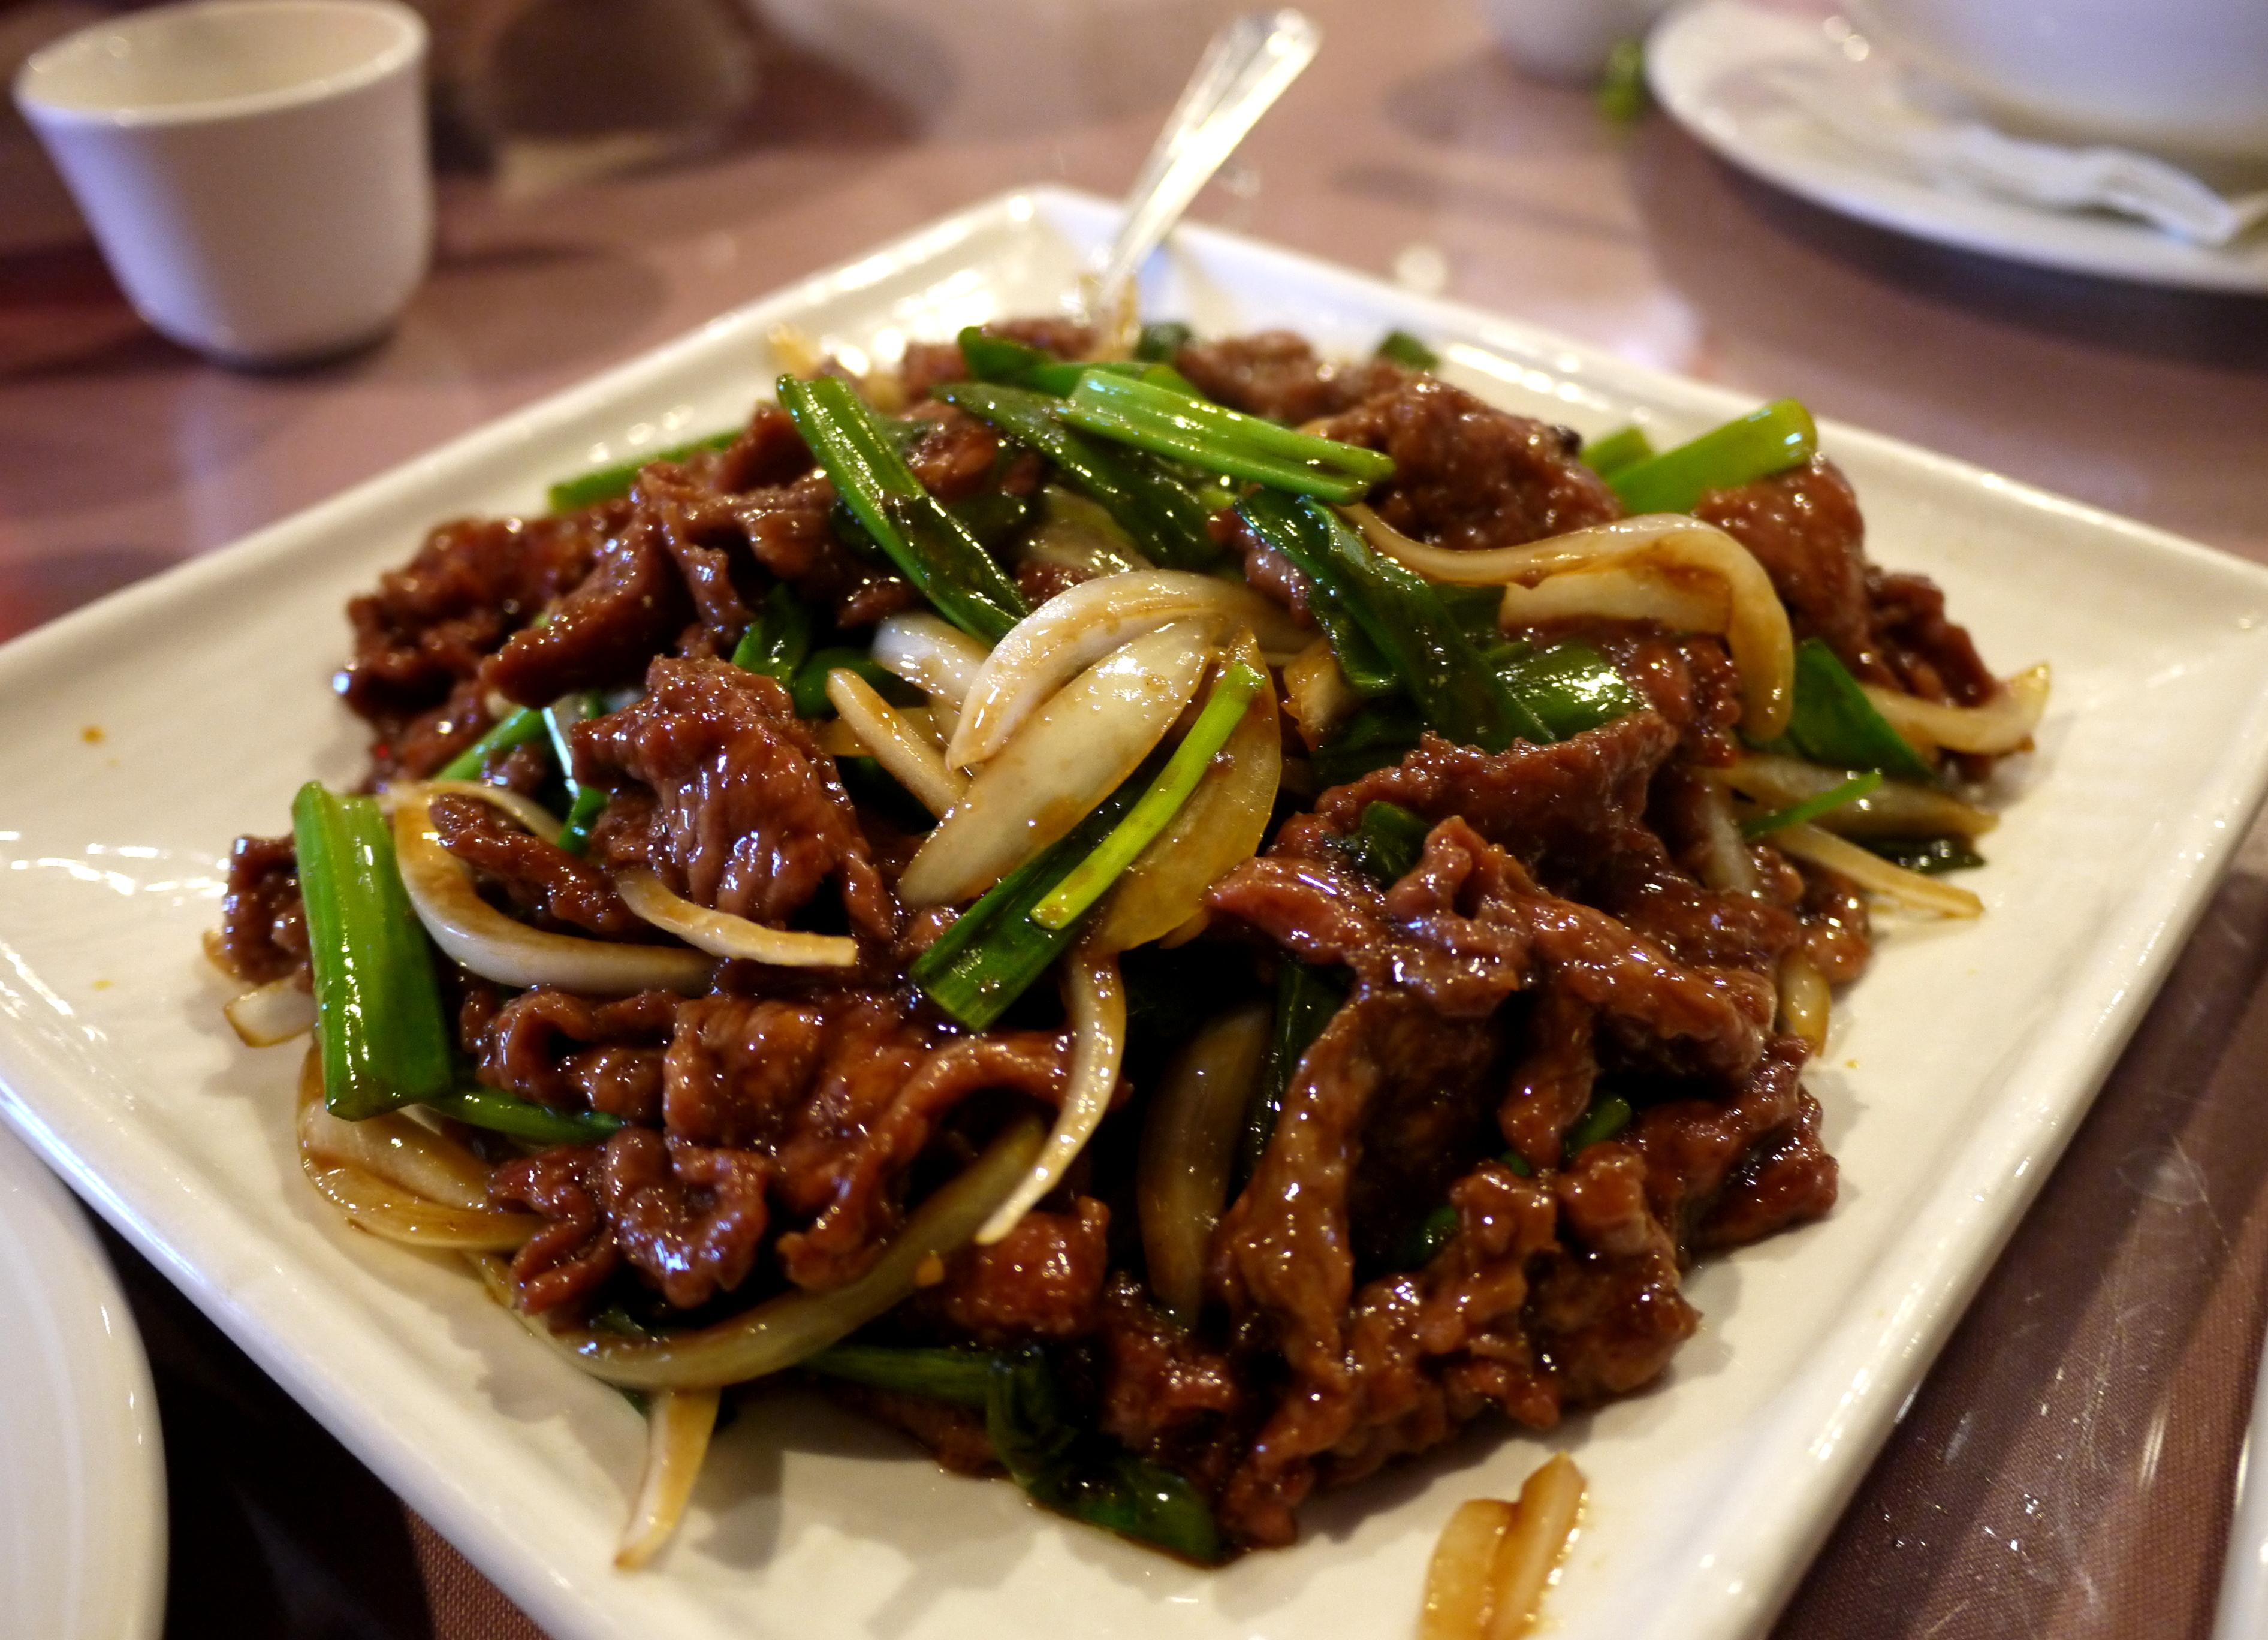 [SD Kearny Mesa] Szechuan food at Dede's Teajuice City ... Szechuan Beef